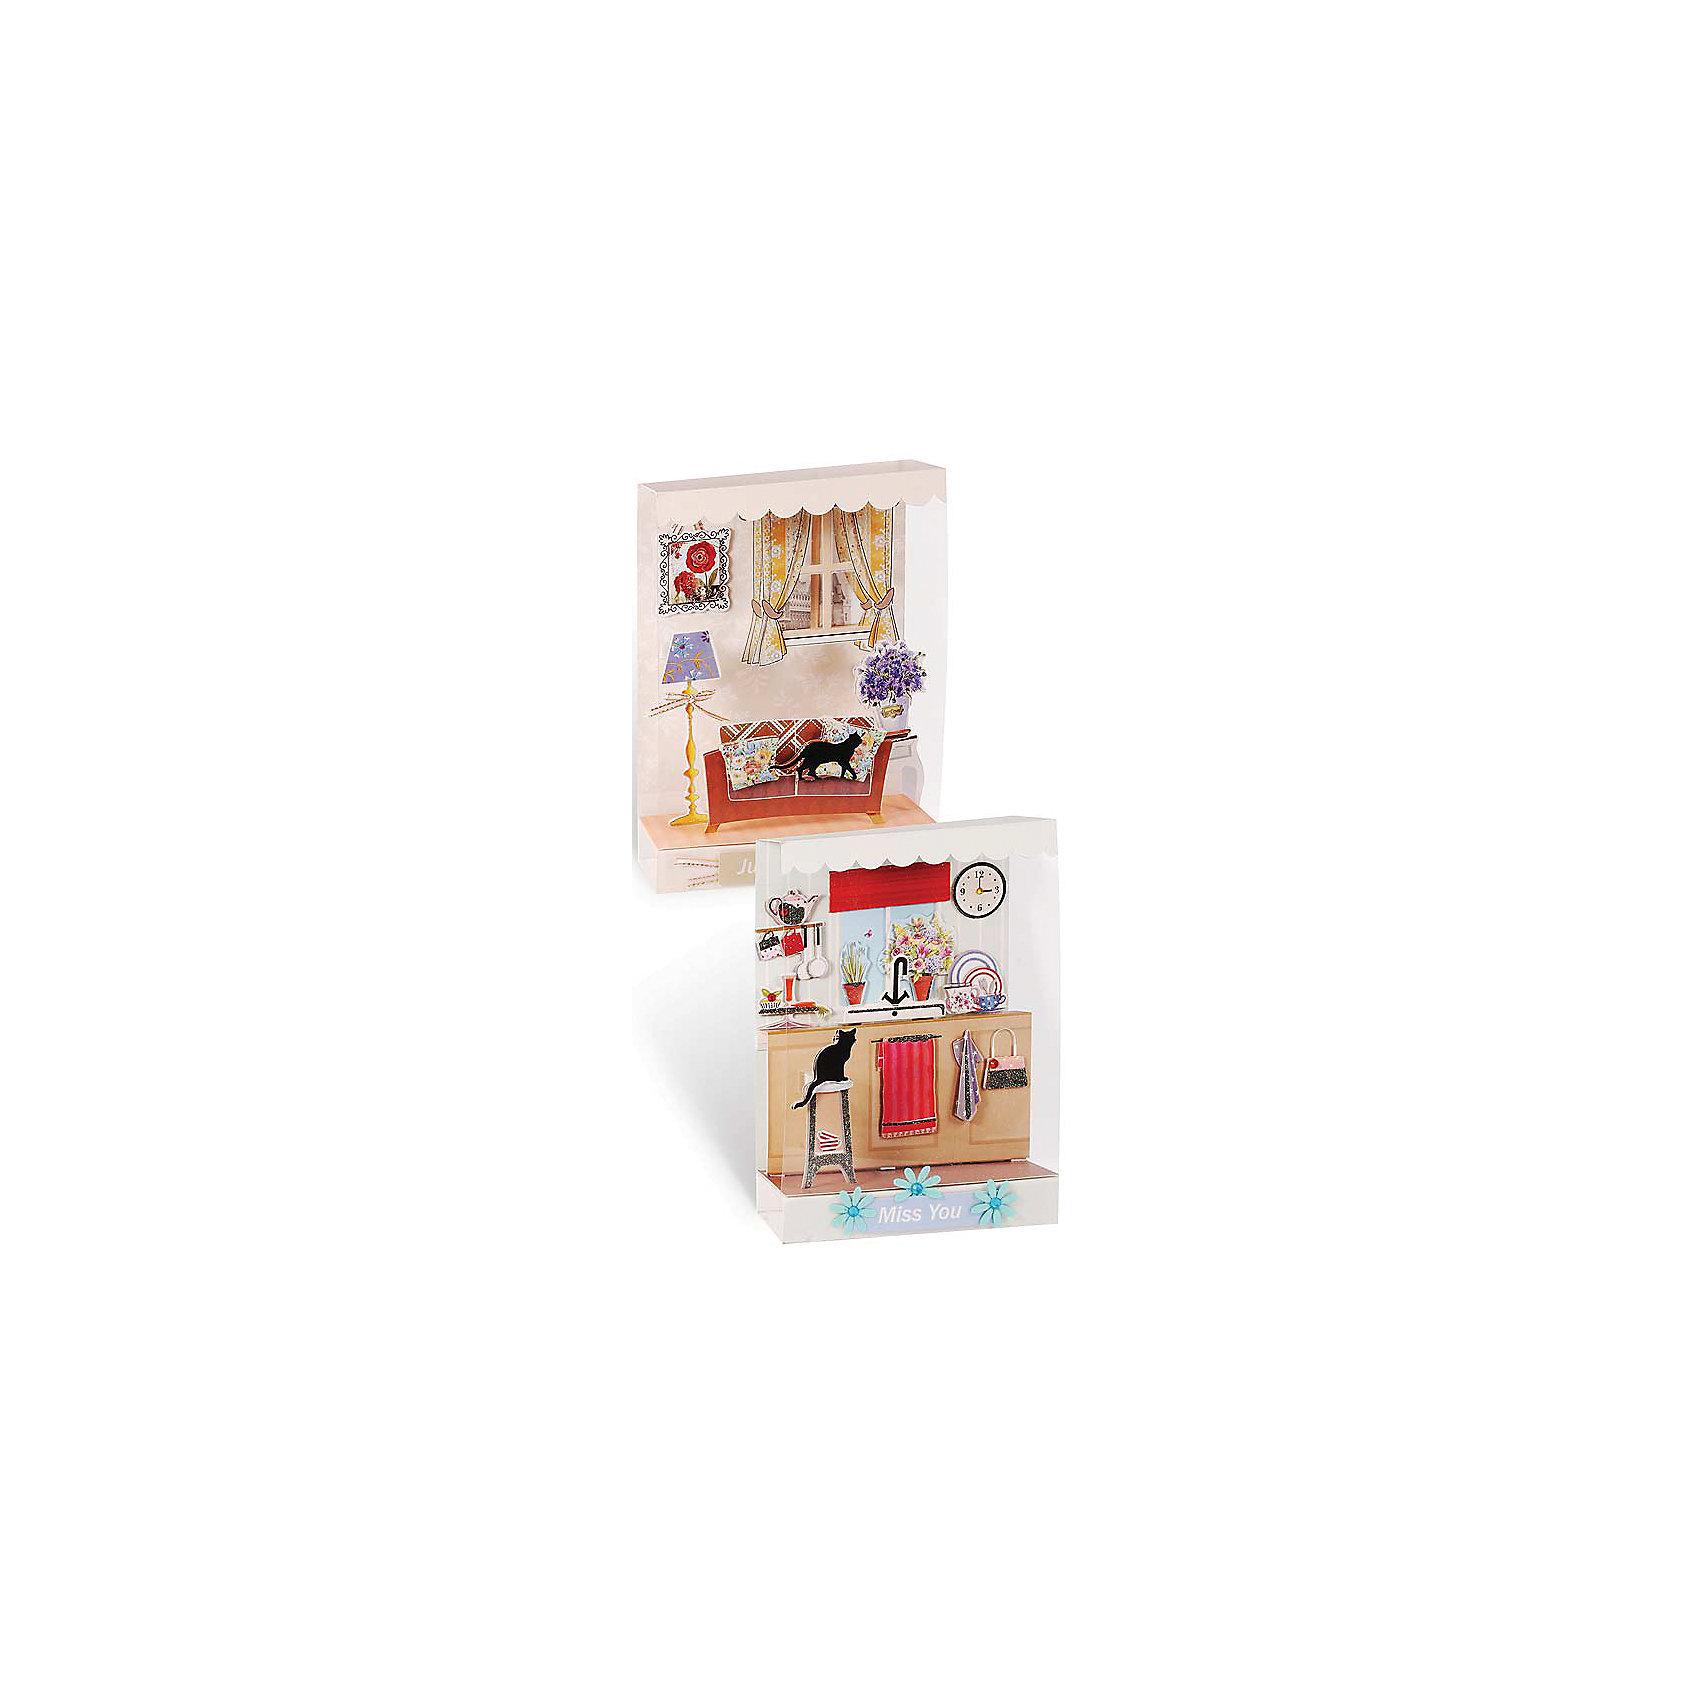 Скрапбукинг-набор для создания миниатюрБумага<br>Скрапбукинг-набор для создания миниатюр, Белоснежка.<br><br>Характеристики:<br><br>• вы можете создать объемную миниатюру<br>• в комплекте: 2 витрины, 2 заготовки для миниатюры, пластиковые полоски, клейкие подушечки, ленты, вырубка из бумаги, стразы, пайетки, полубусины<br>• размер: 15х2х40 см<br><br>С помощью набора от компании Белоснежка вы сможете создать объемную миниатюру, которая станет украшением любого дома. Комнаты с объемной мебелью, цветами и очаровательным котиком легко создаст даже ребенок. В набор входят карточки с пожеланиями, прикрепив которые, можно преподнести миниатюру в качестве подарка.<br><br>Вы можете купить скрапбукинг-набор для создания миниатюр, Белоснежка в нашем интернет-магазине.<br><br>Ширина мм: 270<br>Глубина мм: 150<br>Высота мм: 60<br>Вес г: 280<br>Возраст от месяцев: 72<br>Возраст до месяцев: 144<br>Пол: Женский<br>Возраст: Детский<br>SKU: 5089627